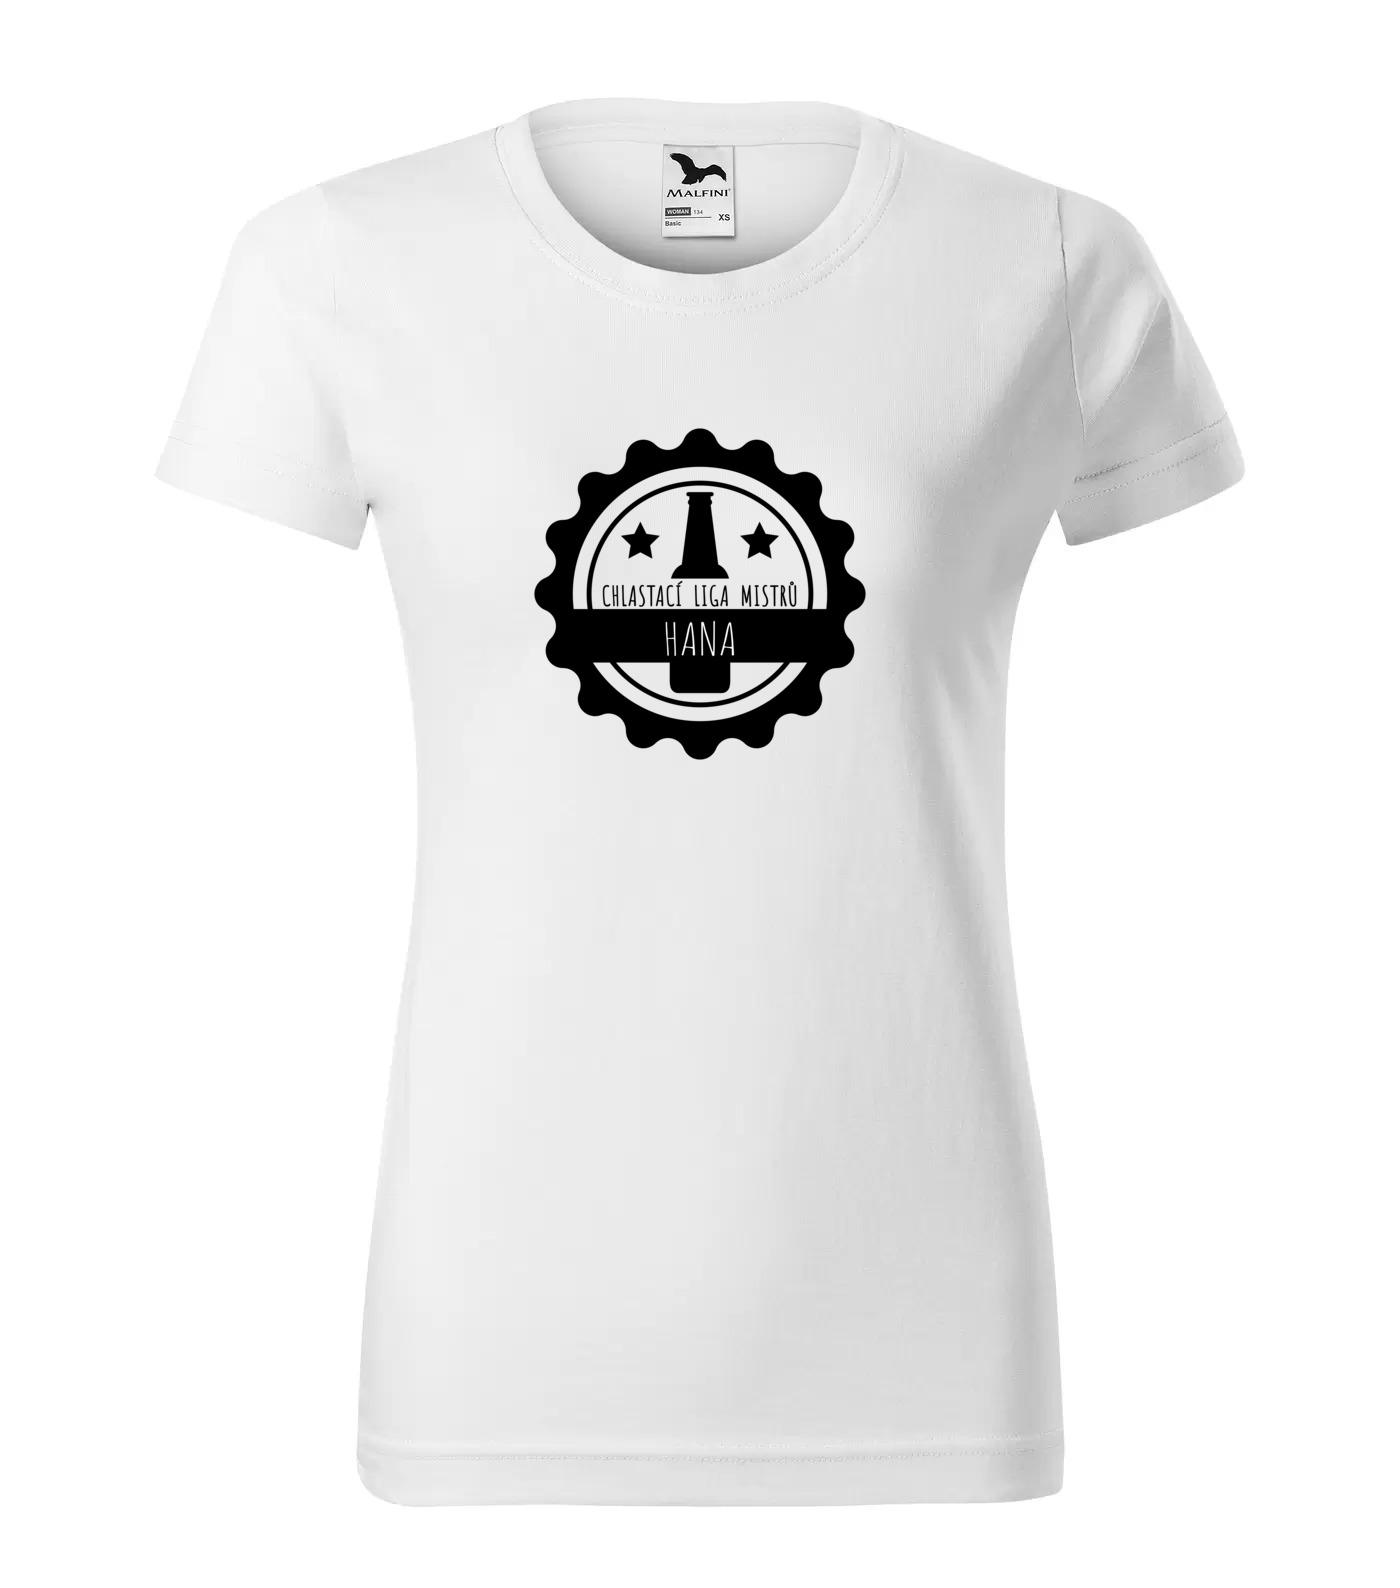 Tričko Chlastací liga žen Hana